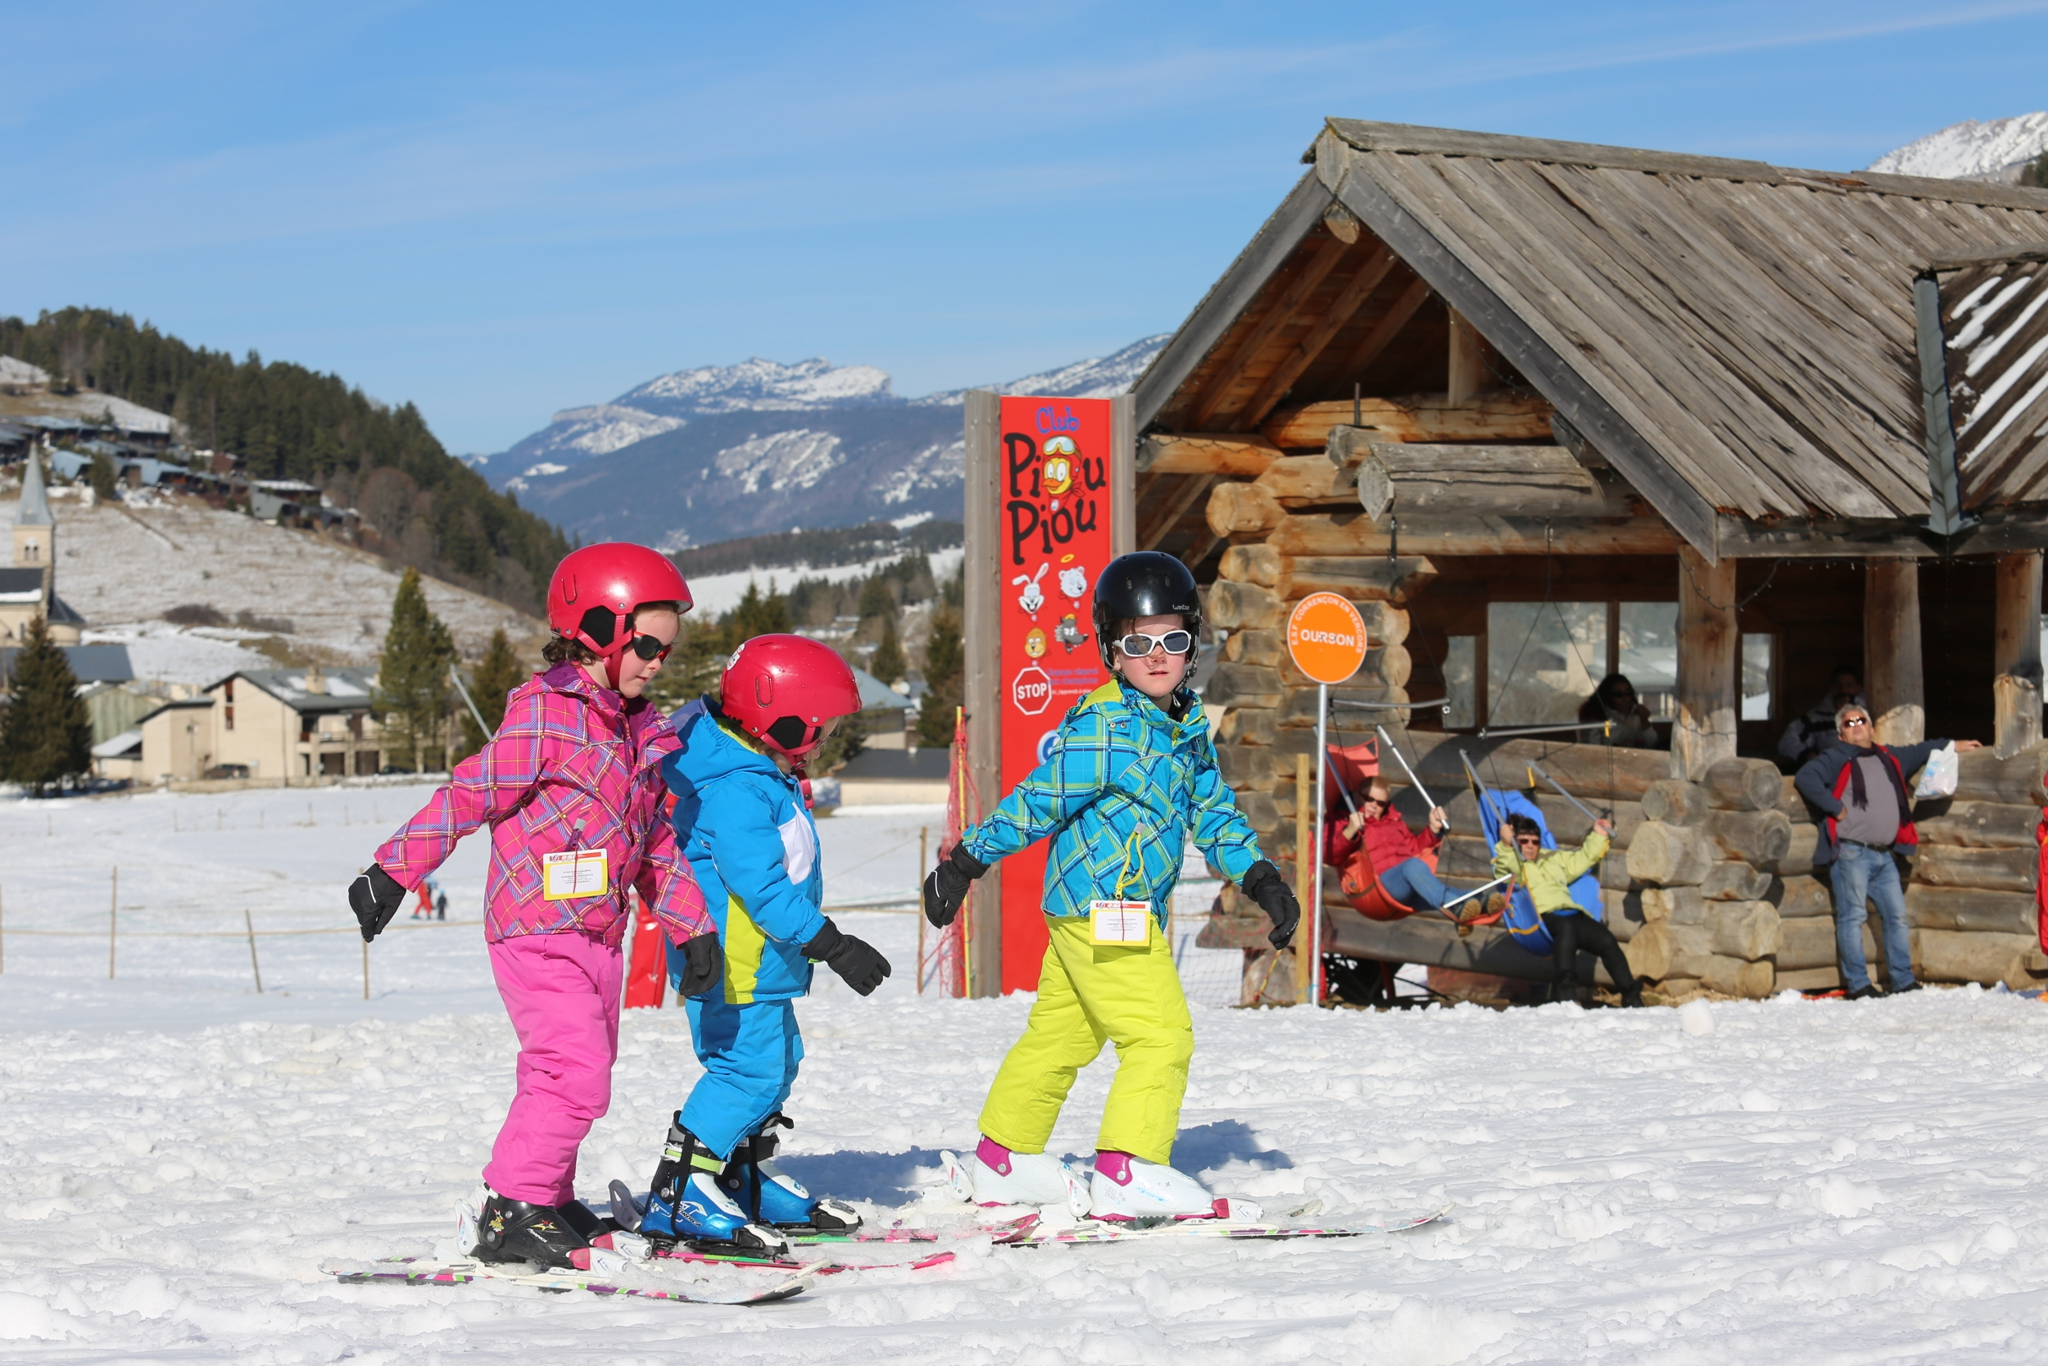 Le domaine des Rambins, un havre de paix pour apprendre à skier ! ©Stéphanie Charles/OT Villard-de-Lans